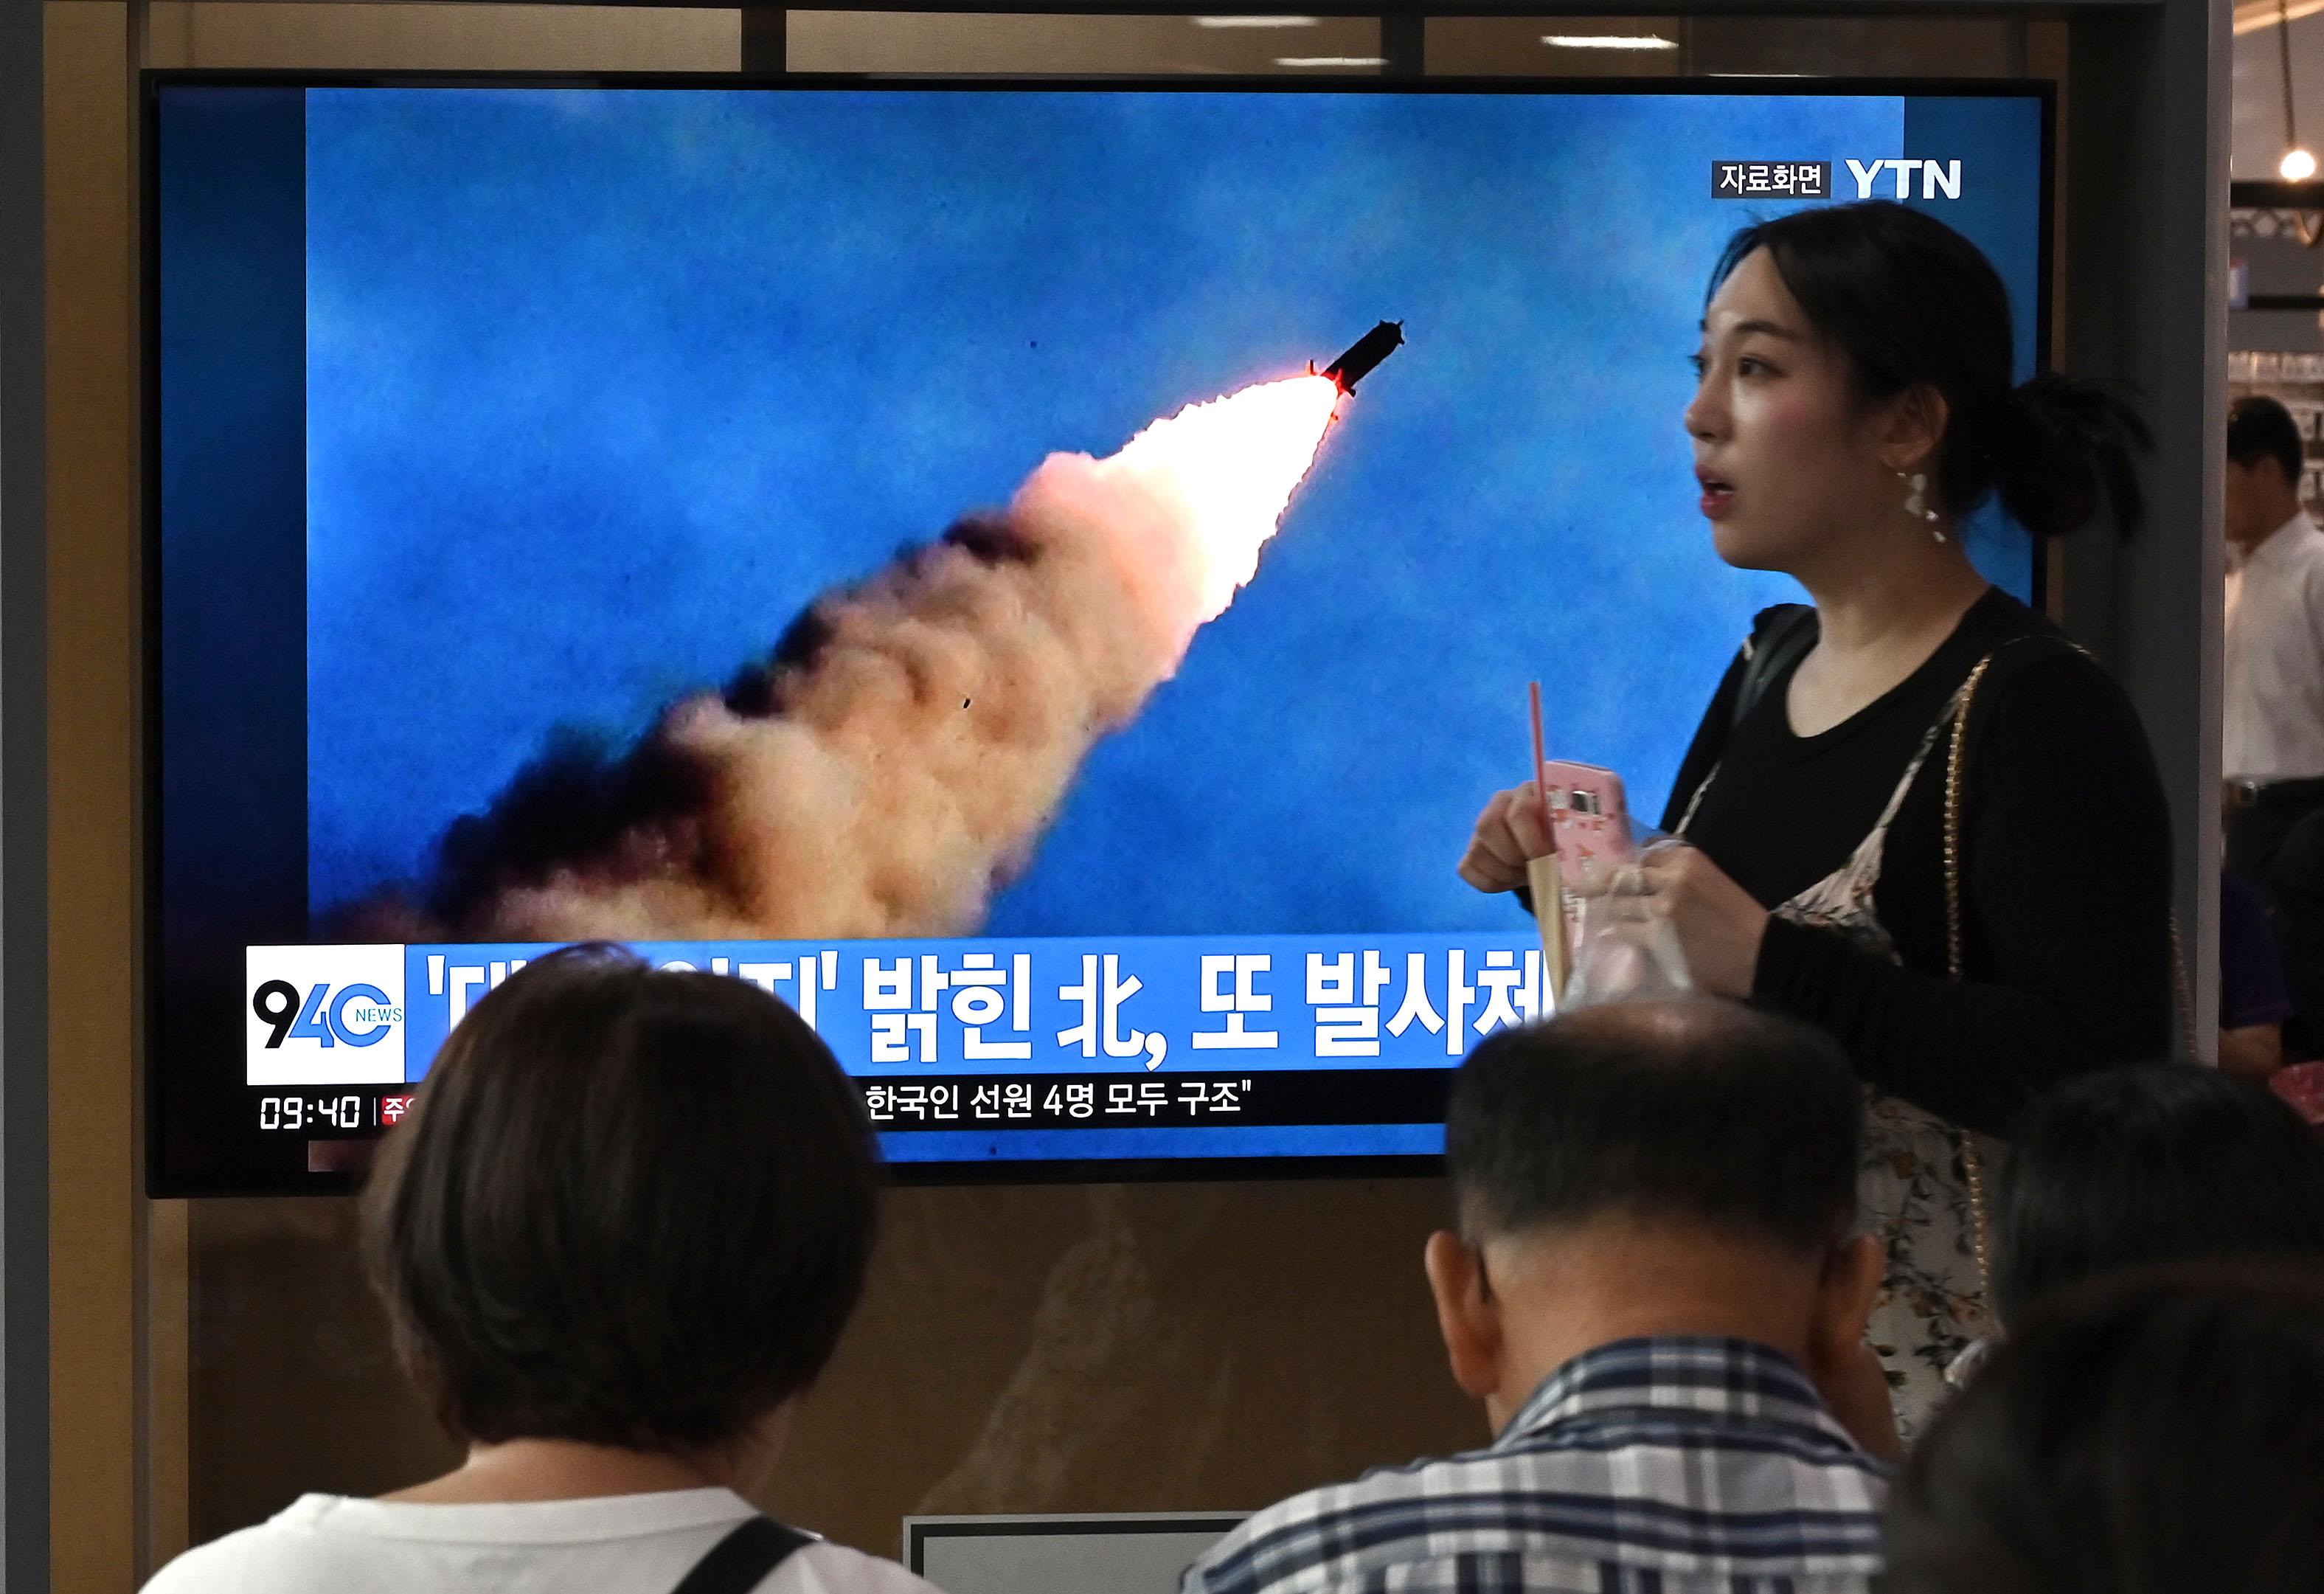 Észak-Korea ellentmondásos jelzéseket küld: rakétázva üzeni, hogy kész tárgyalni